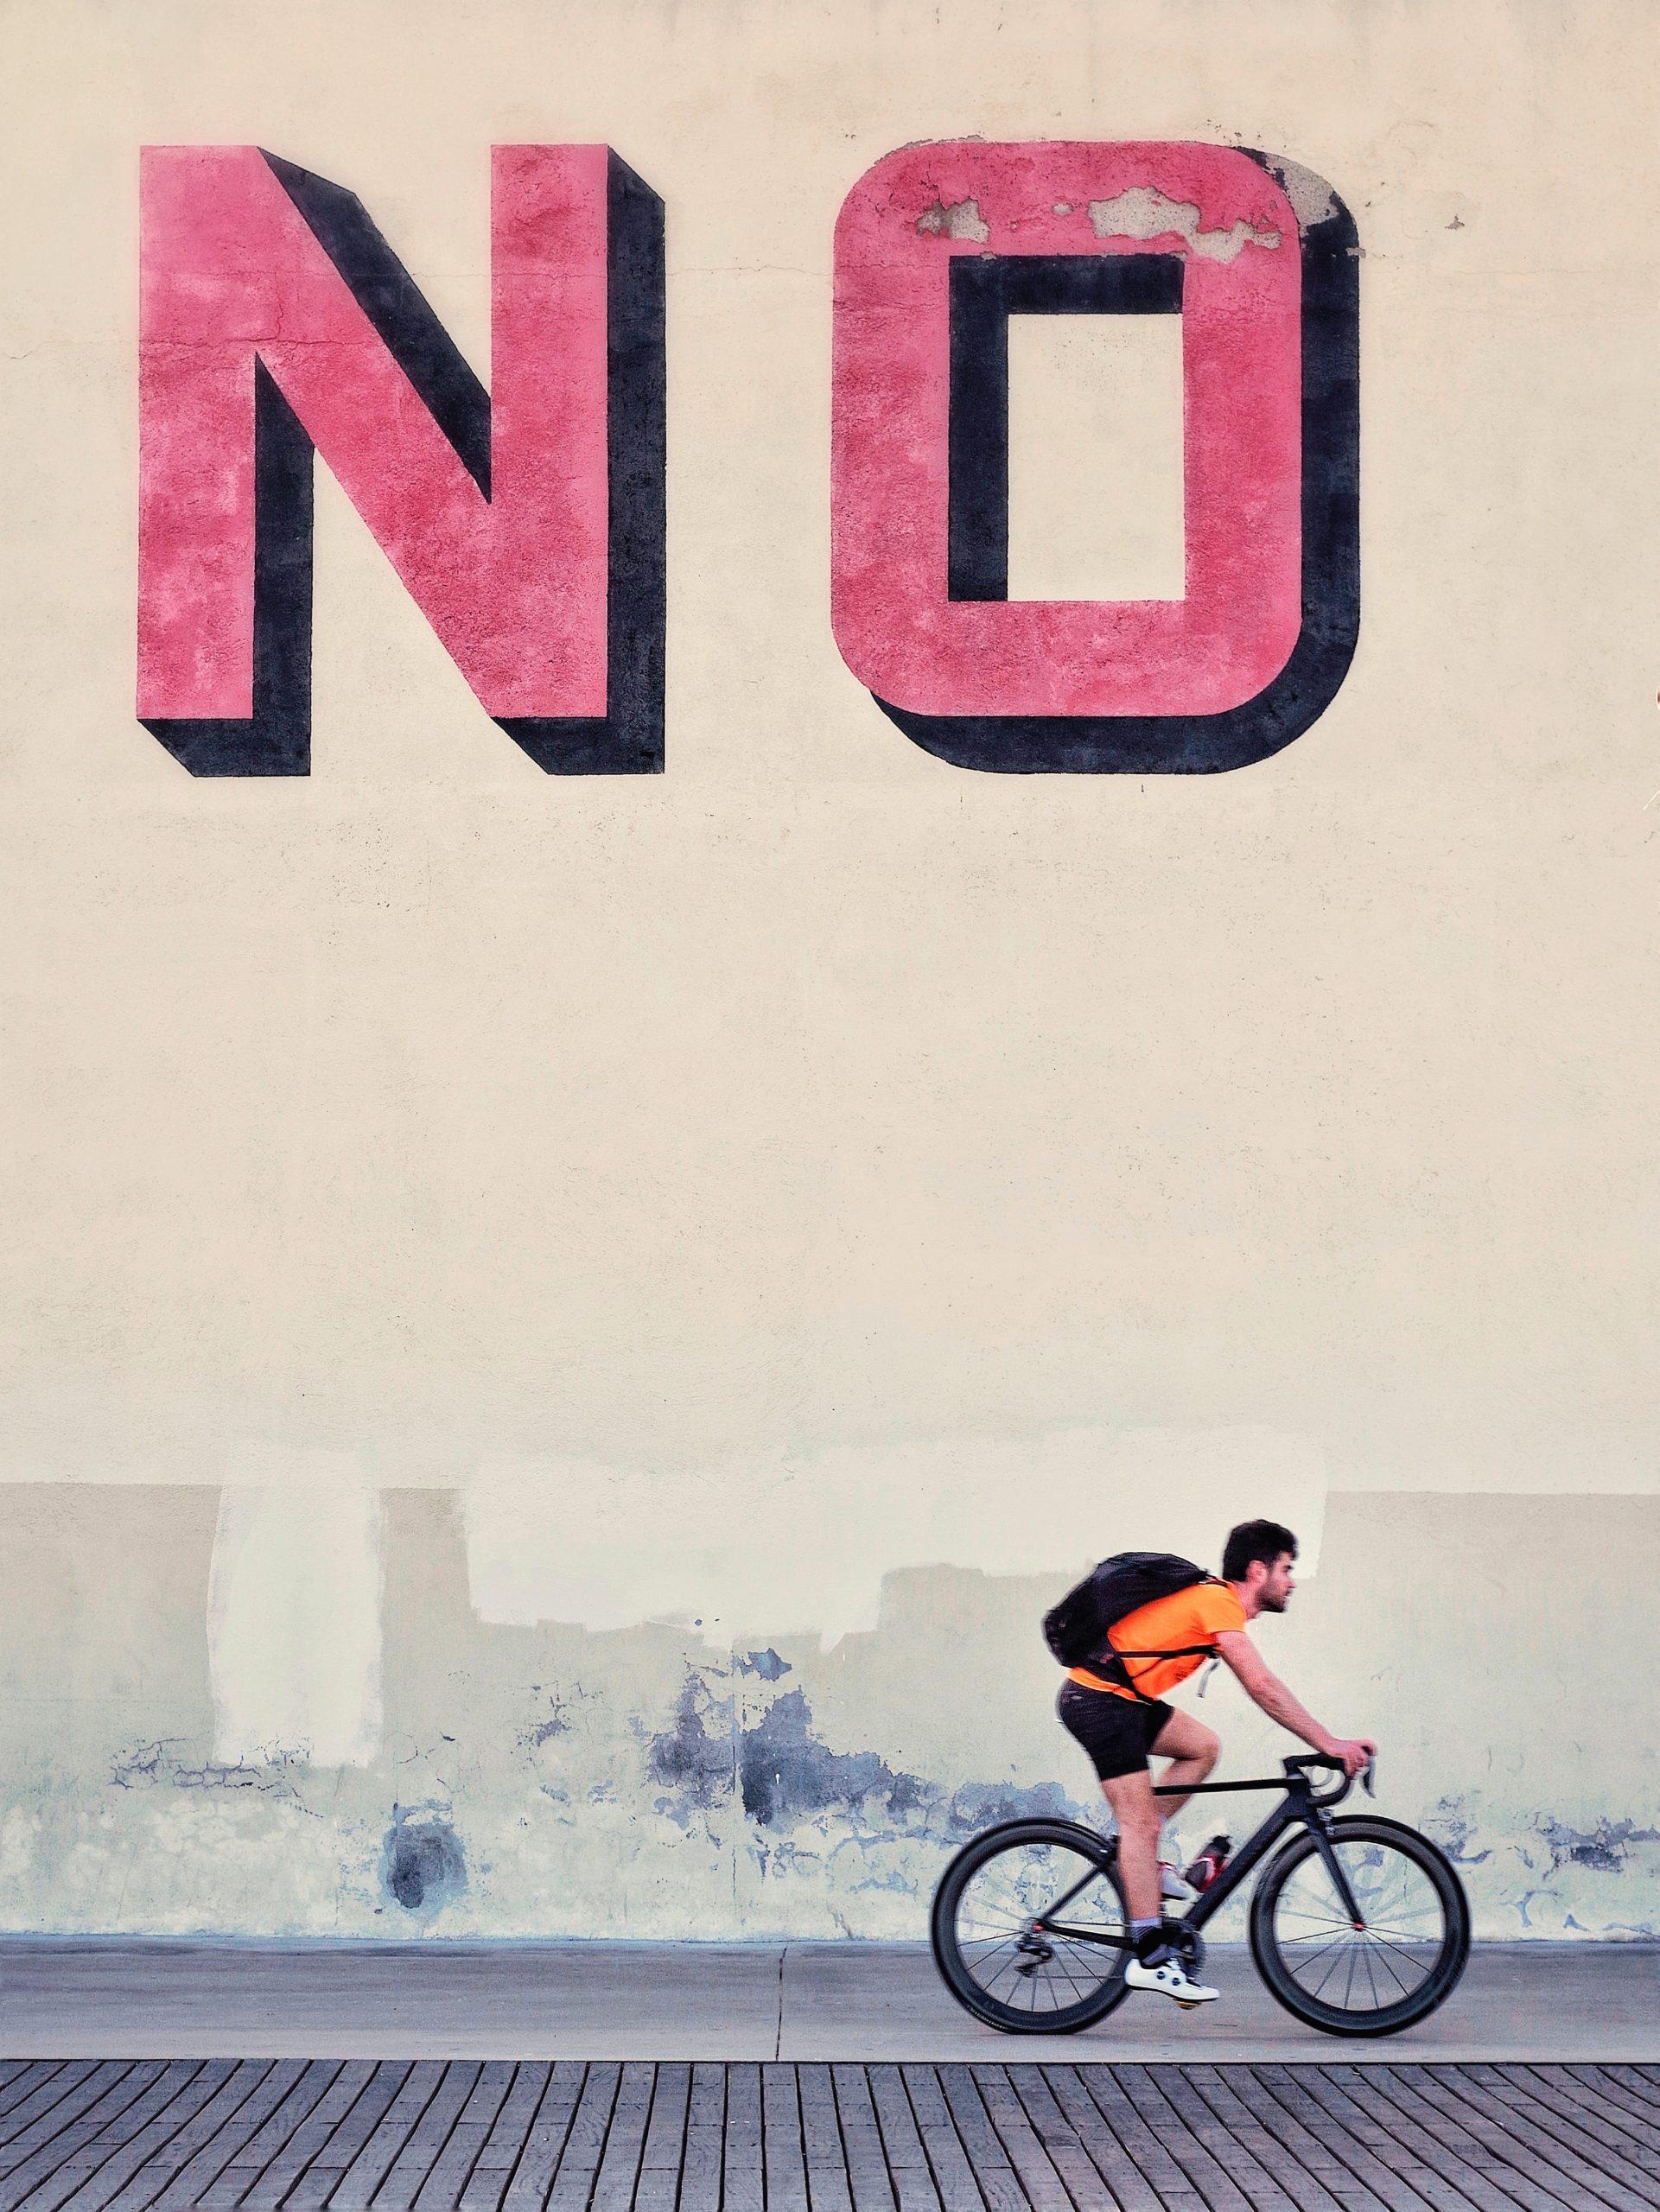 Hvad sker der med cykler, der bliver væk?